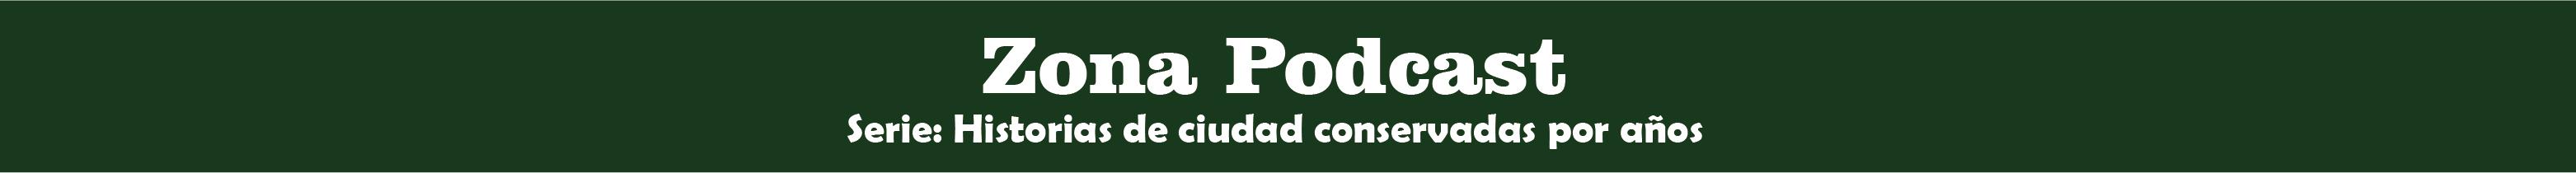 Zona de podcast (2)